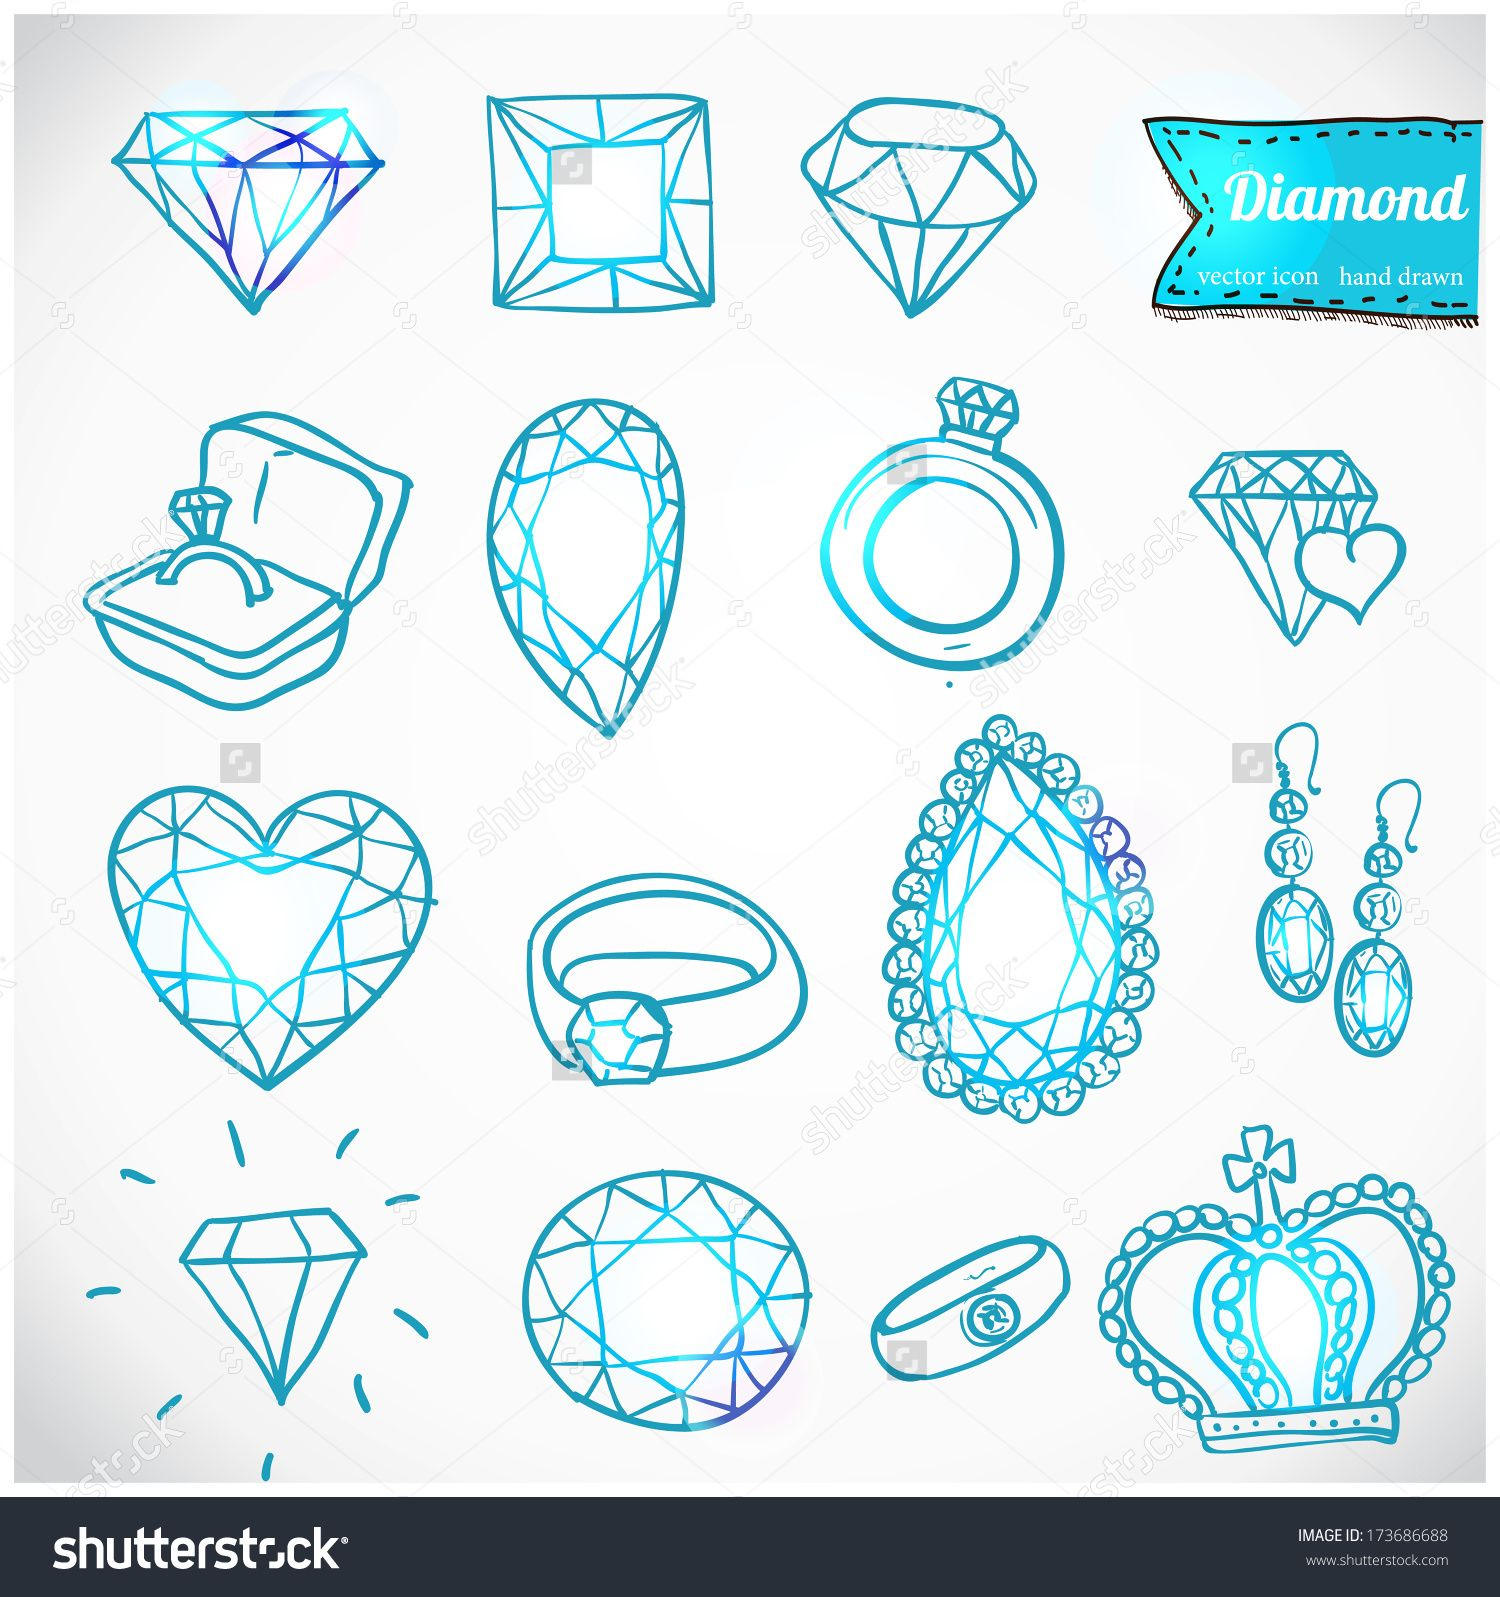 Diamond Vector Icons Set, Doodles Design Element - 173686688 ...